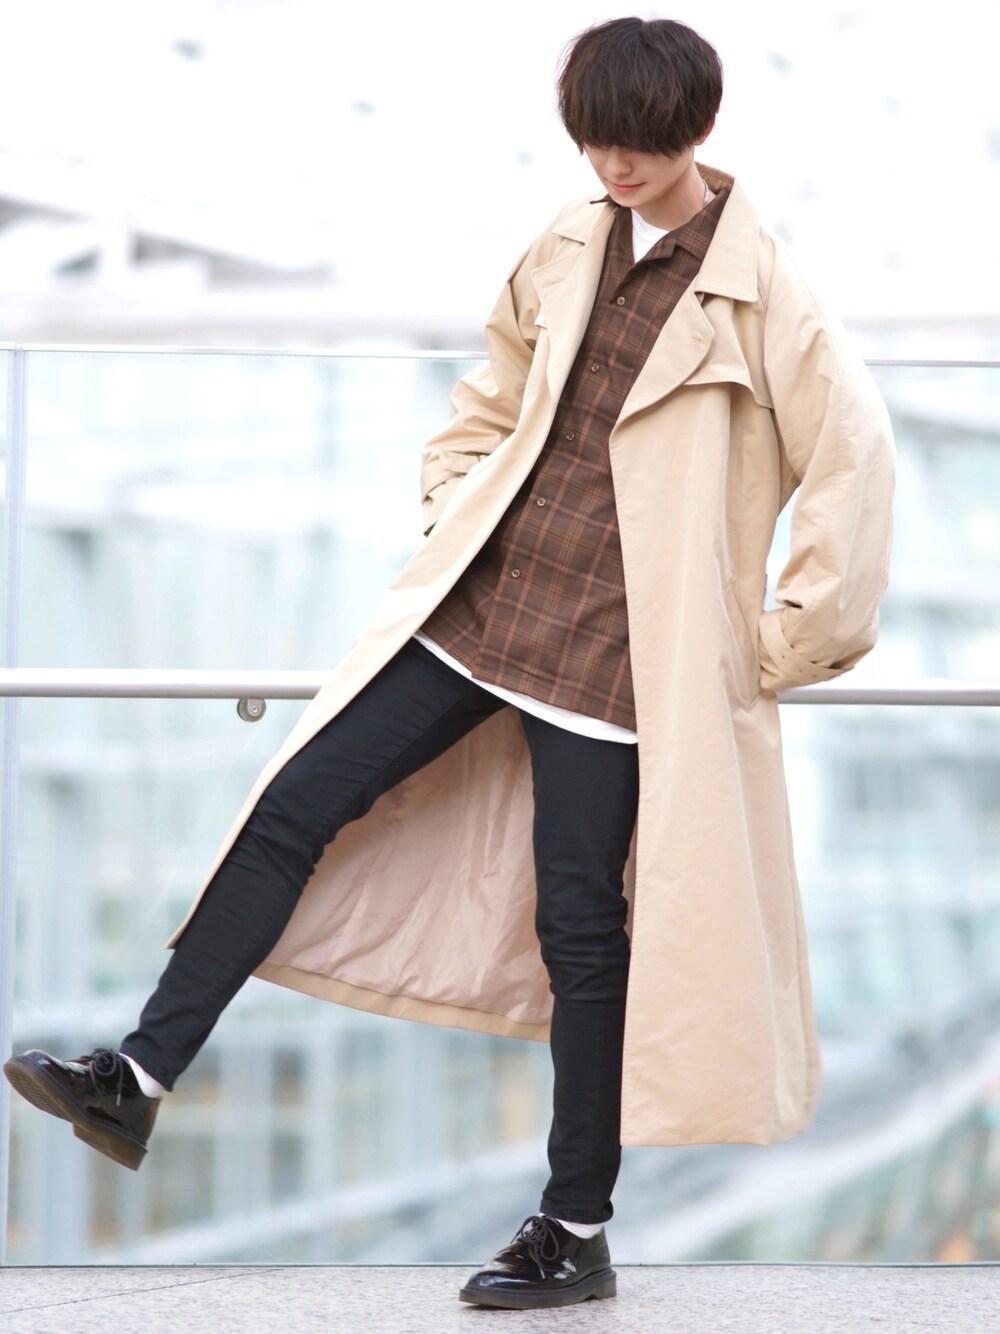 ヨーカドー ビルド 流行ファッション ビックサイズ感 おっさんに関連した画像-03